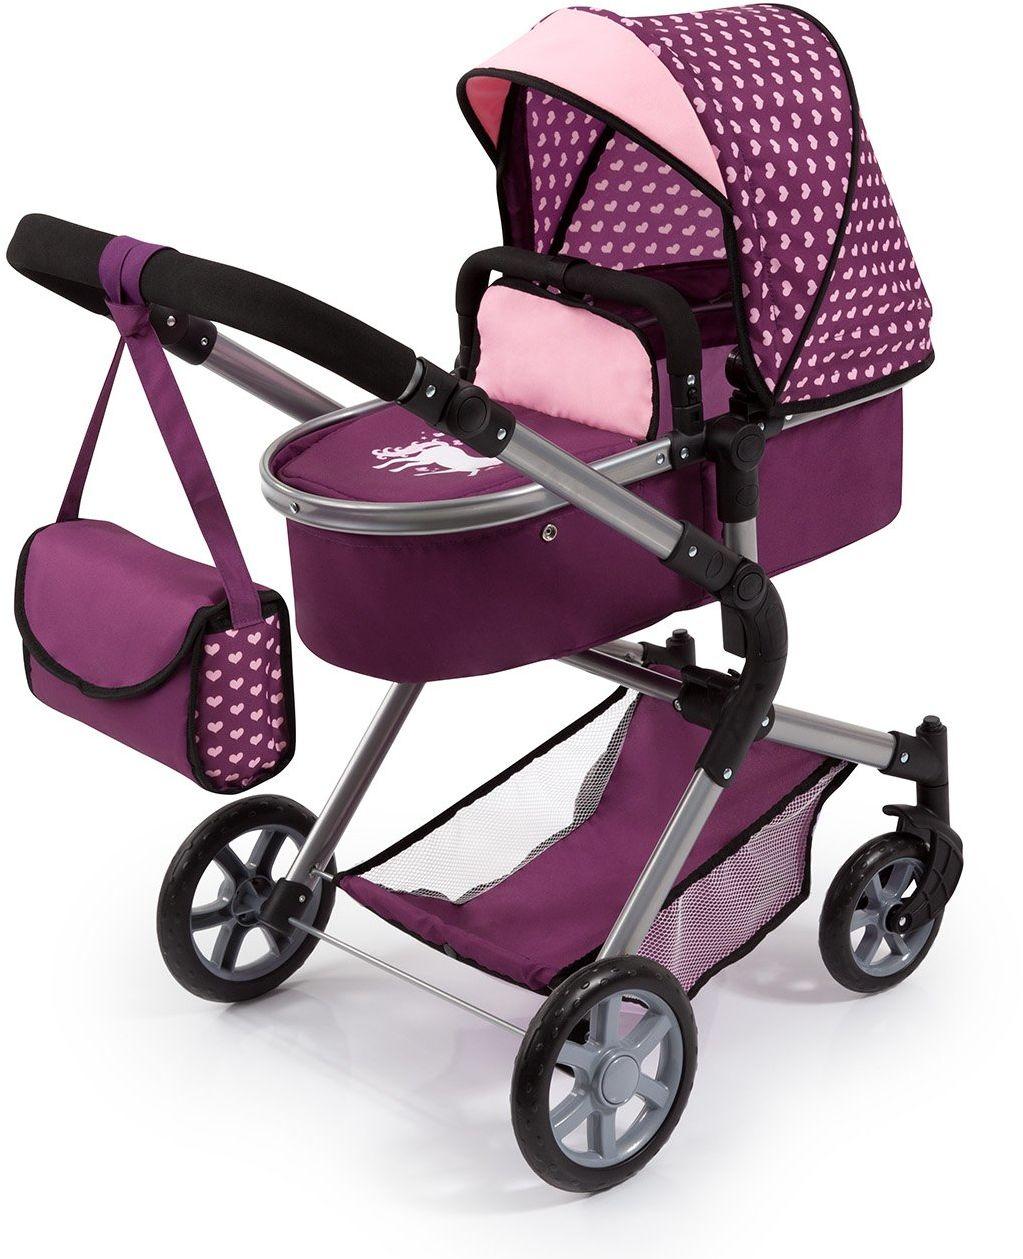 Bayer Design 18137AA City Neo Kombi wózek dla lalek z torbą do przewijania, przekształcany w samochód sportowy, z regulacją wysokości, składany, śliwkowy, różowy, jednorożec